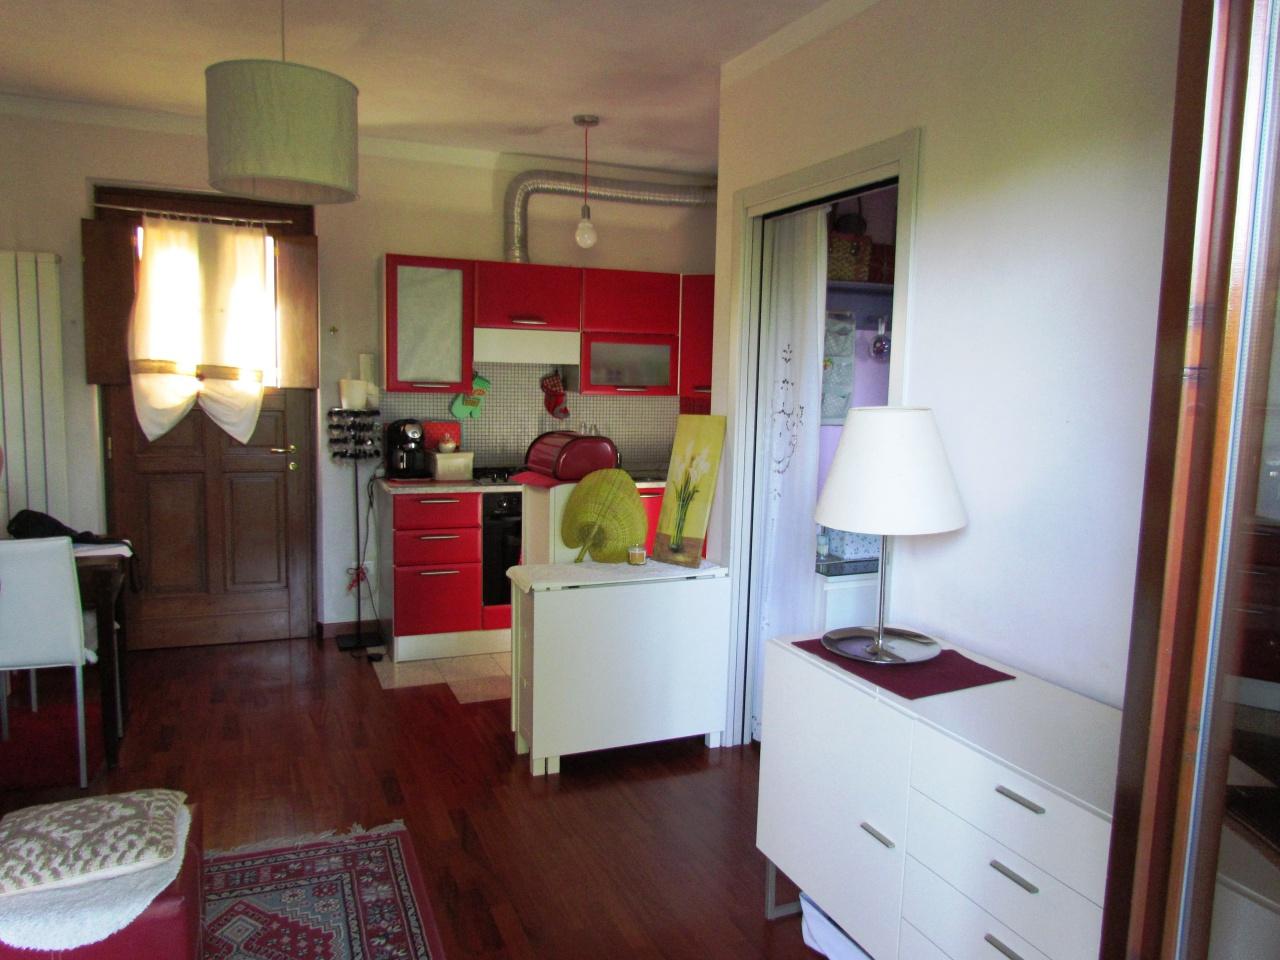 Appartamento in vendita a Lucca, 2 locali, Trattative riservate   CambioCasa.it